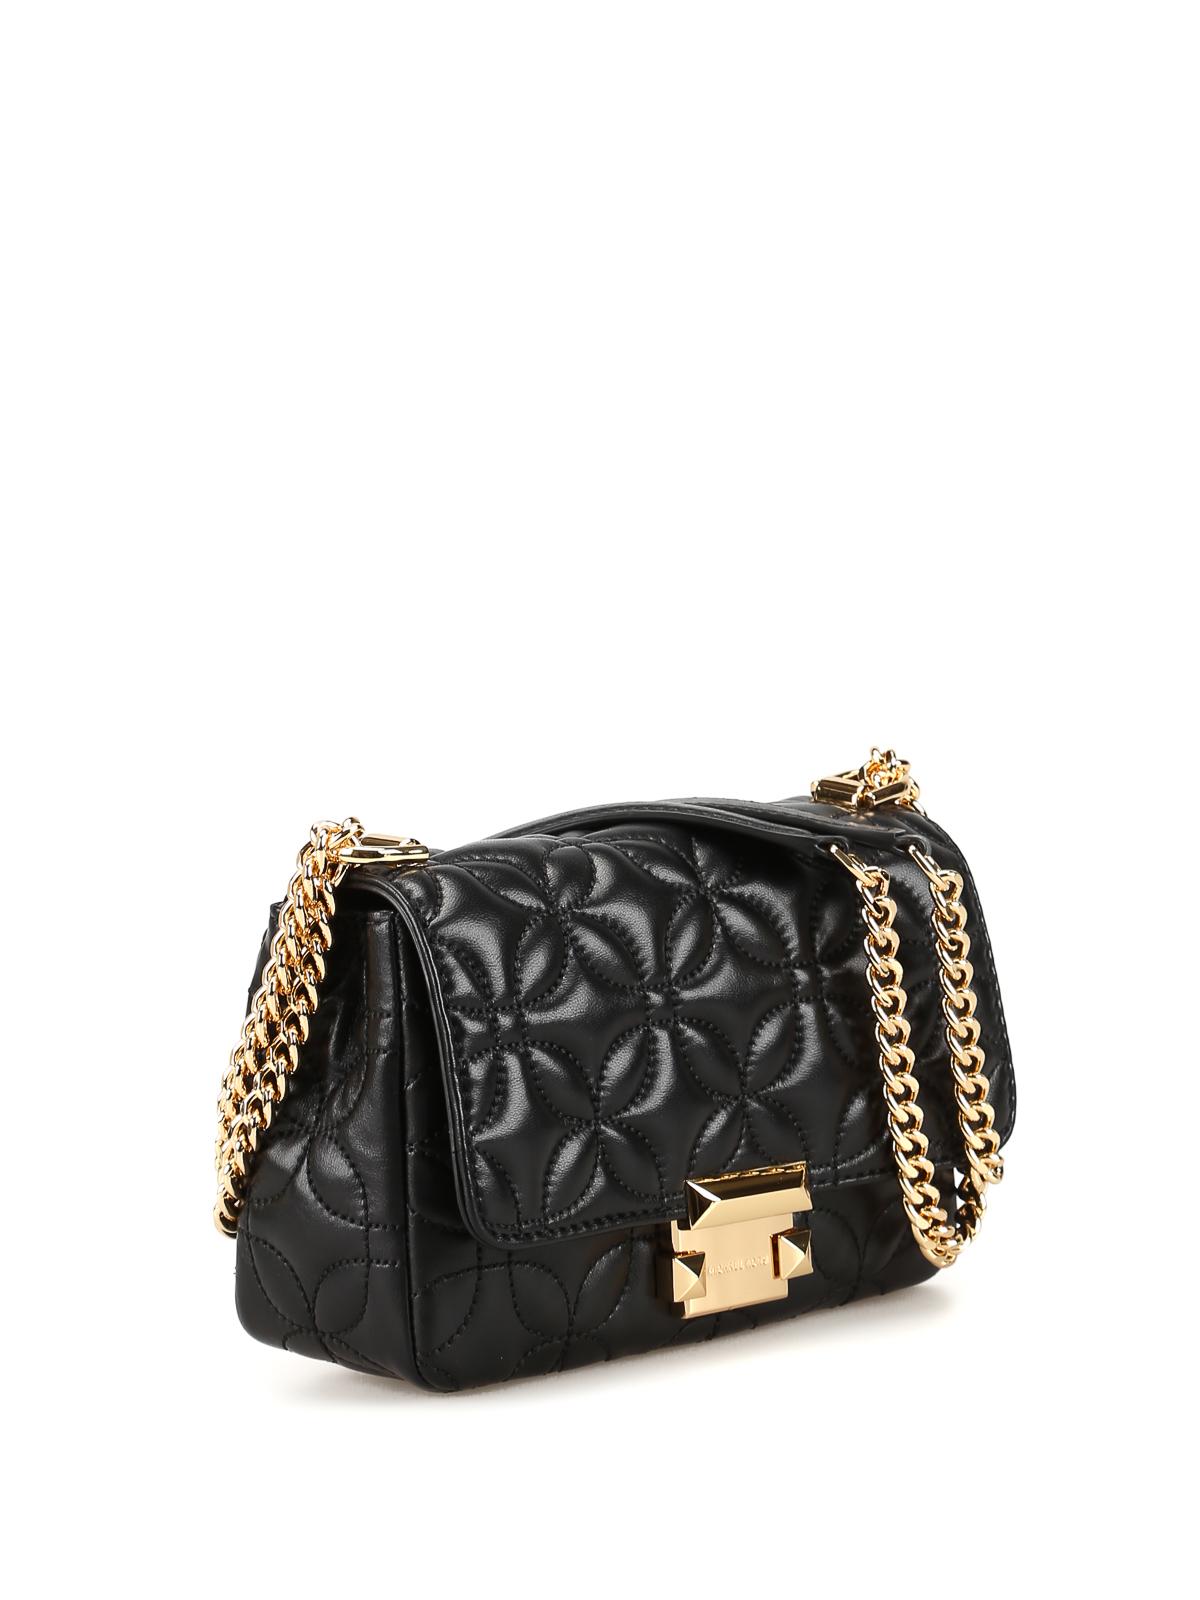 482015f966441 MICHAEL KORS  shoulder bags online - Sloan black quilted small shoulder bag